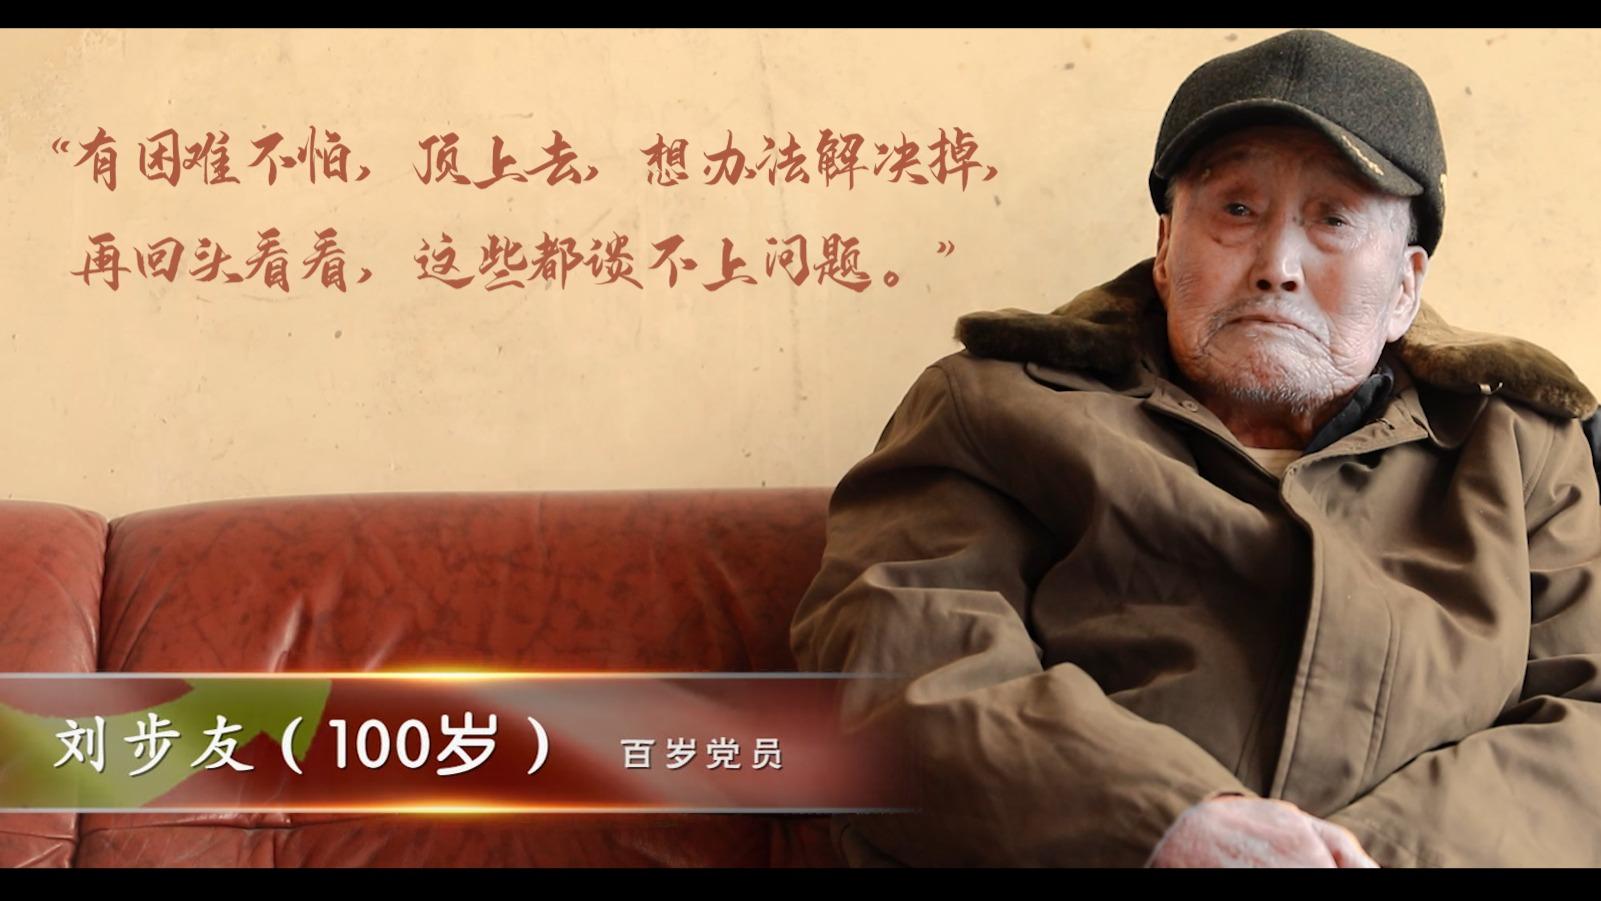 【百岁党员赞小康】刘步友:过上好日子 不忘党恩情